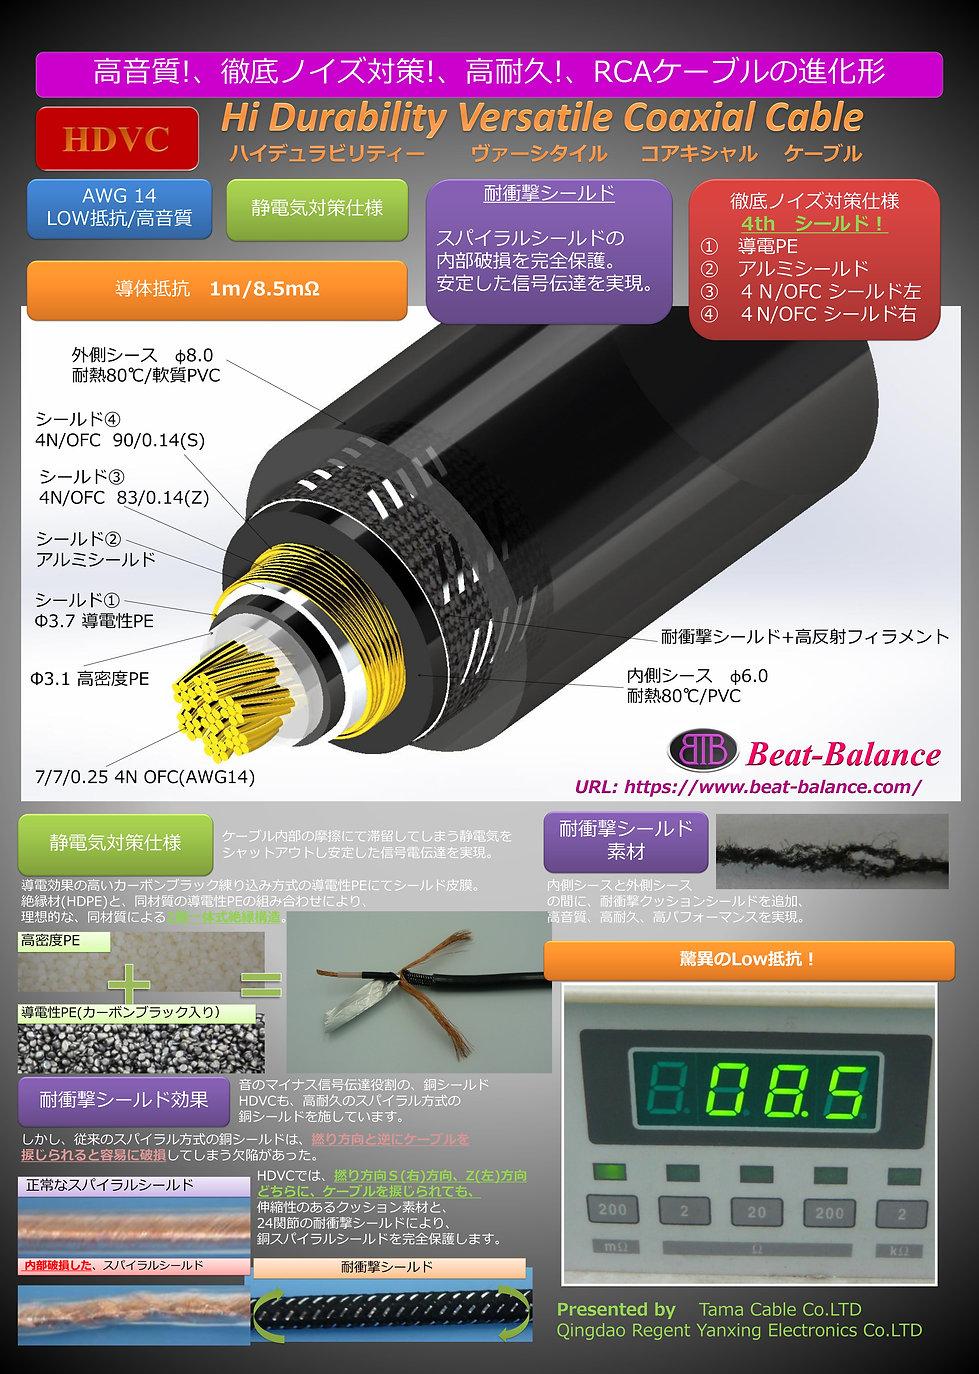 HDVC 14G POP-1.jpg